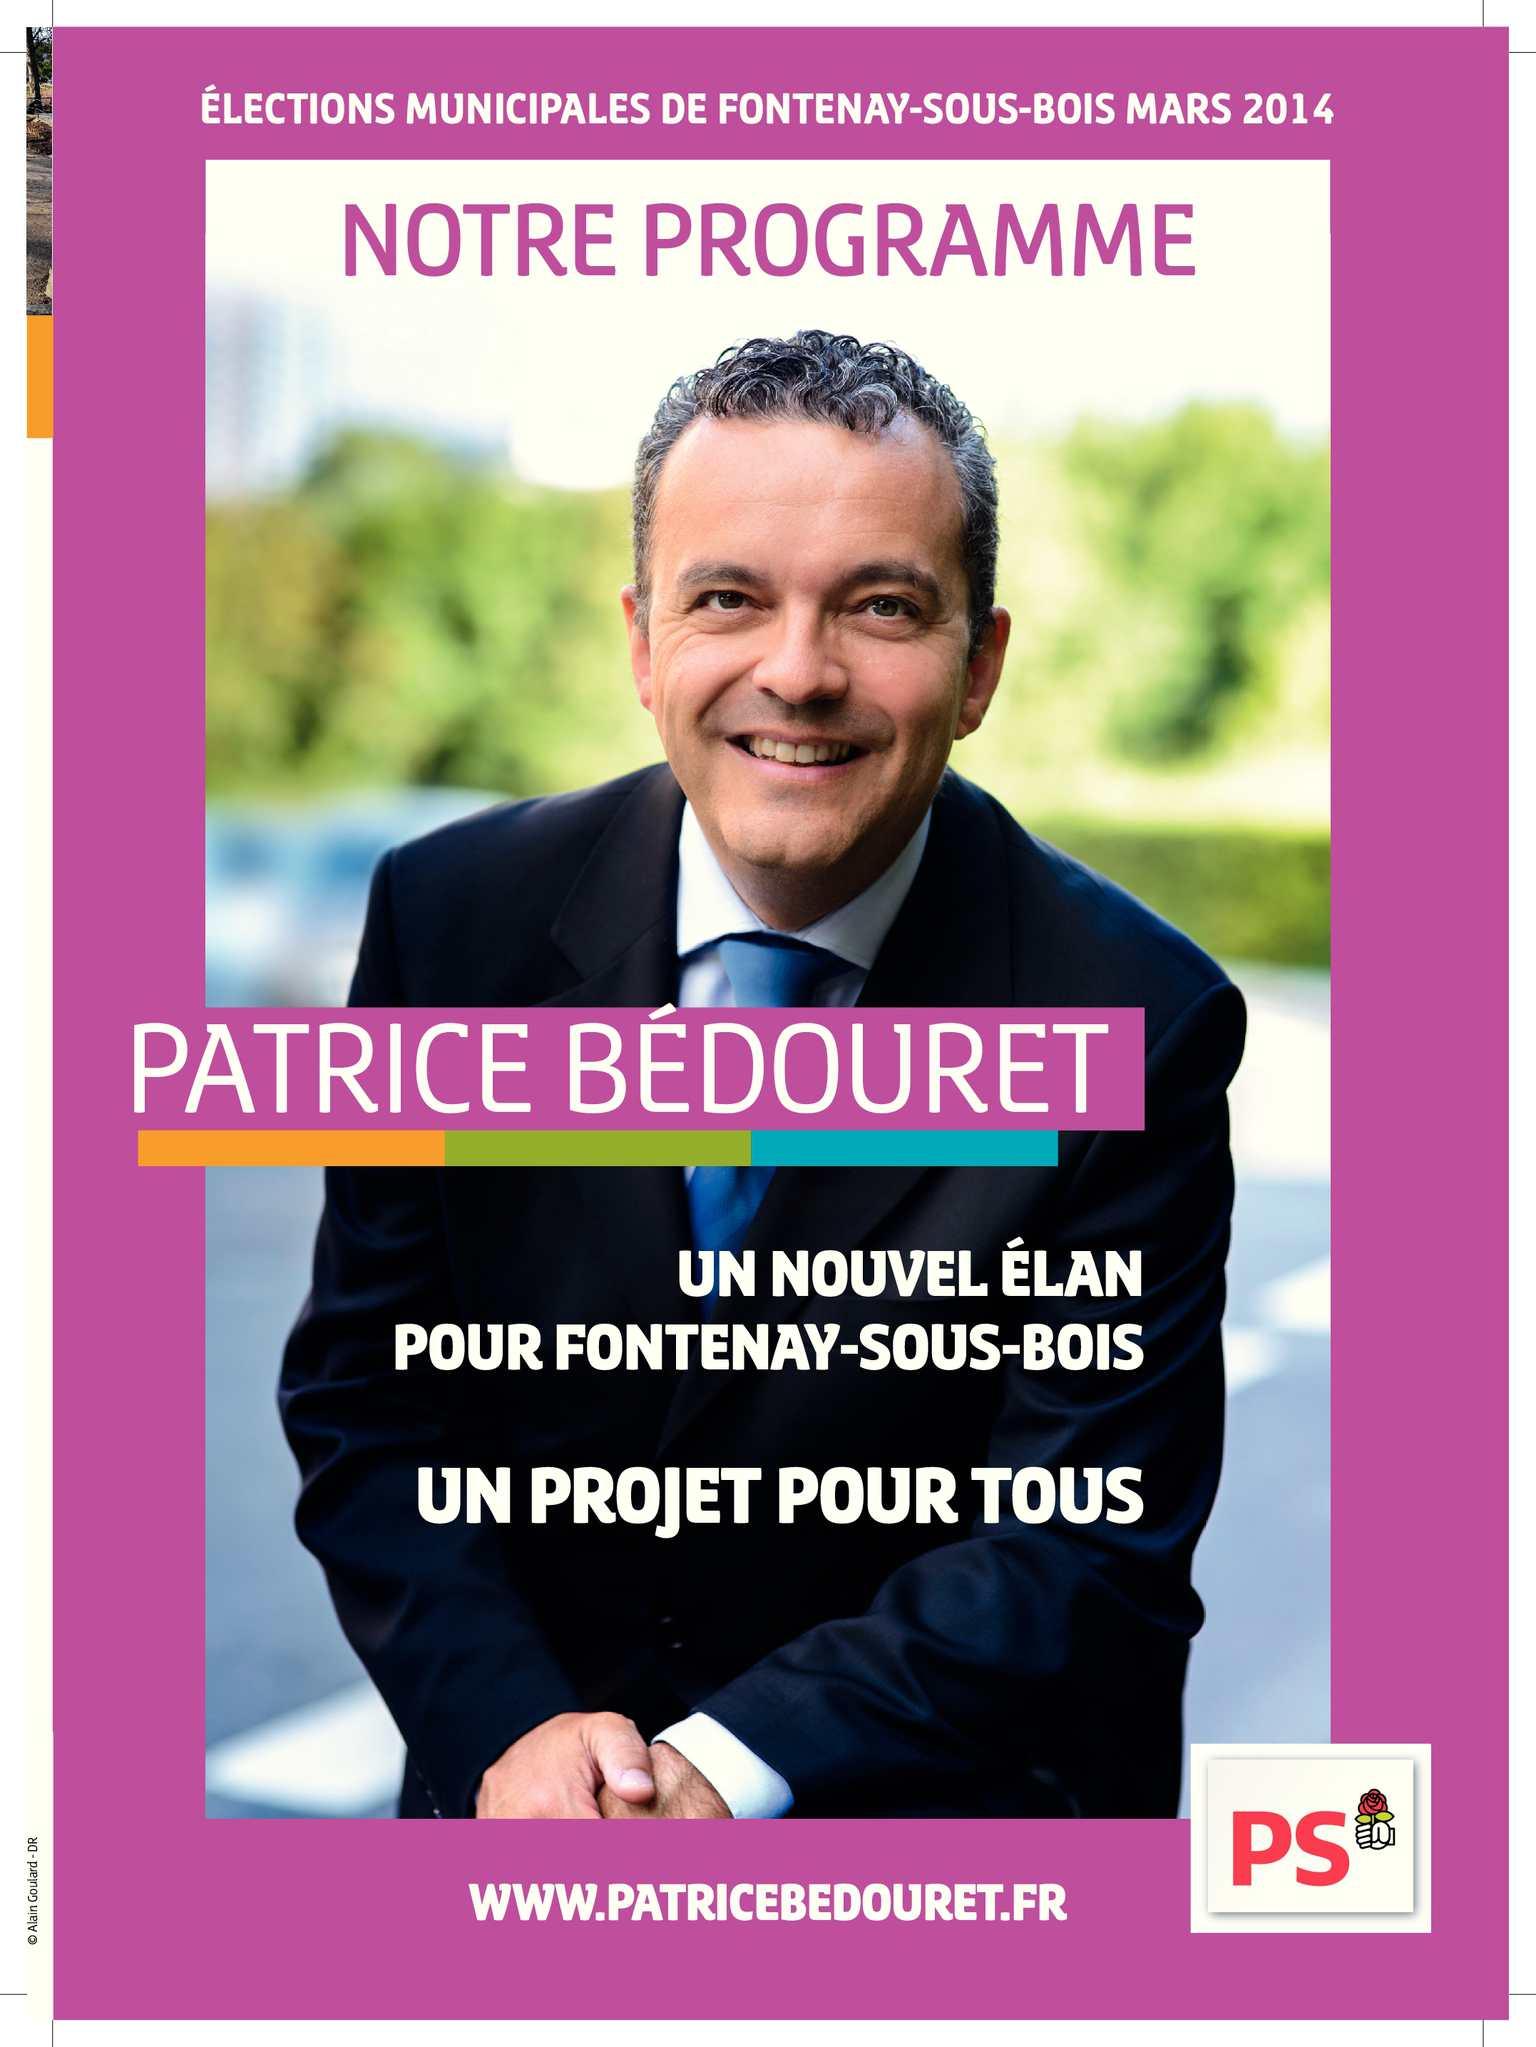 Patrice Bédouret : Un nouvel élan pour Fontenay-sous-Bois. Un projet pour tous.